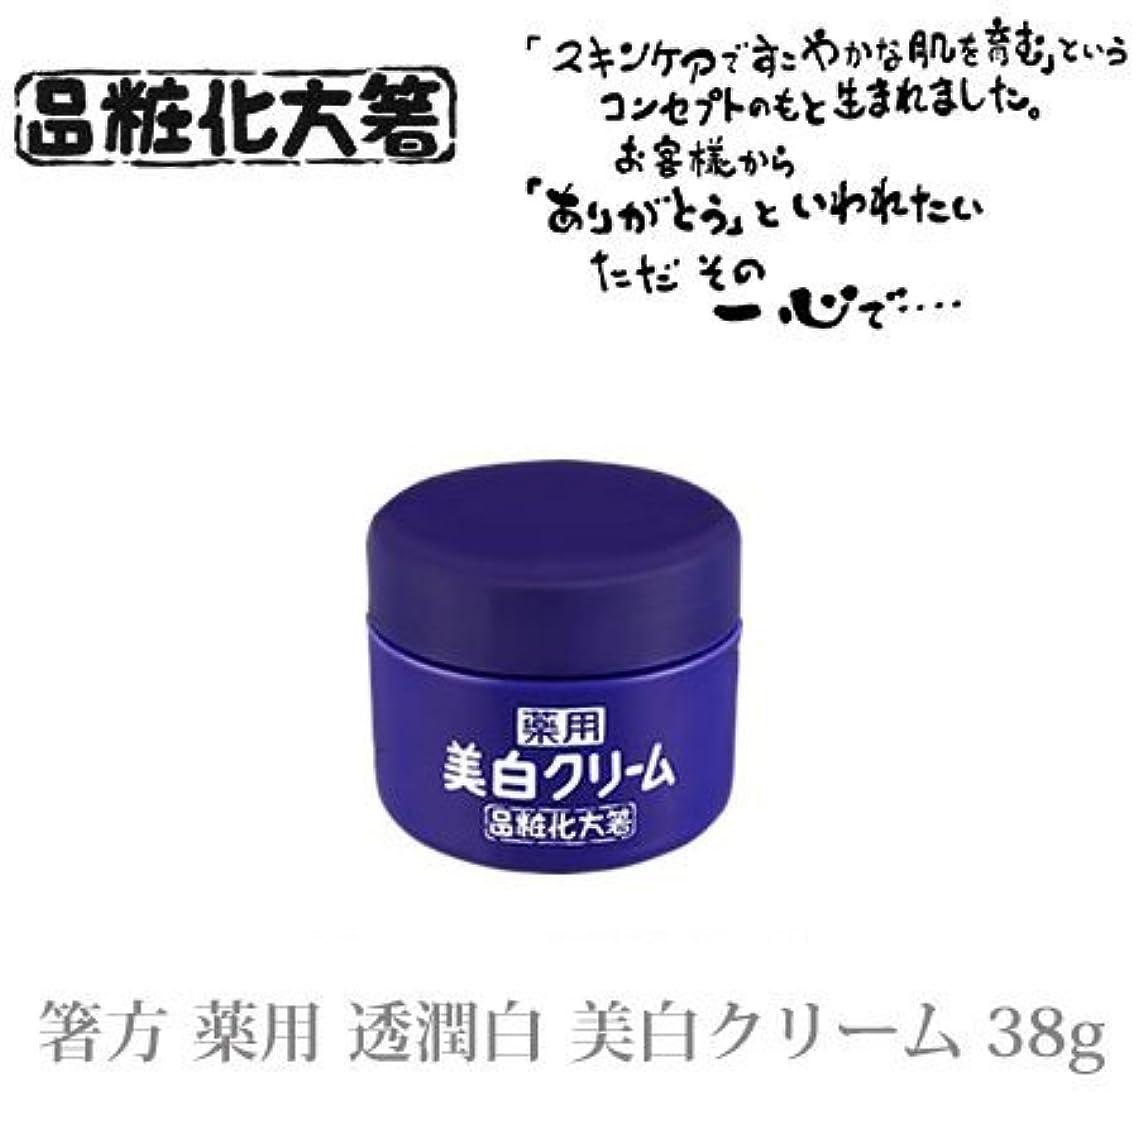 苦インレイ最初は箸方化粧品 薬用 透潤白 美白クリーム 38g はしかた化粧品